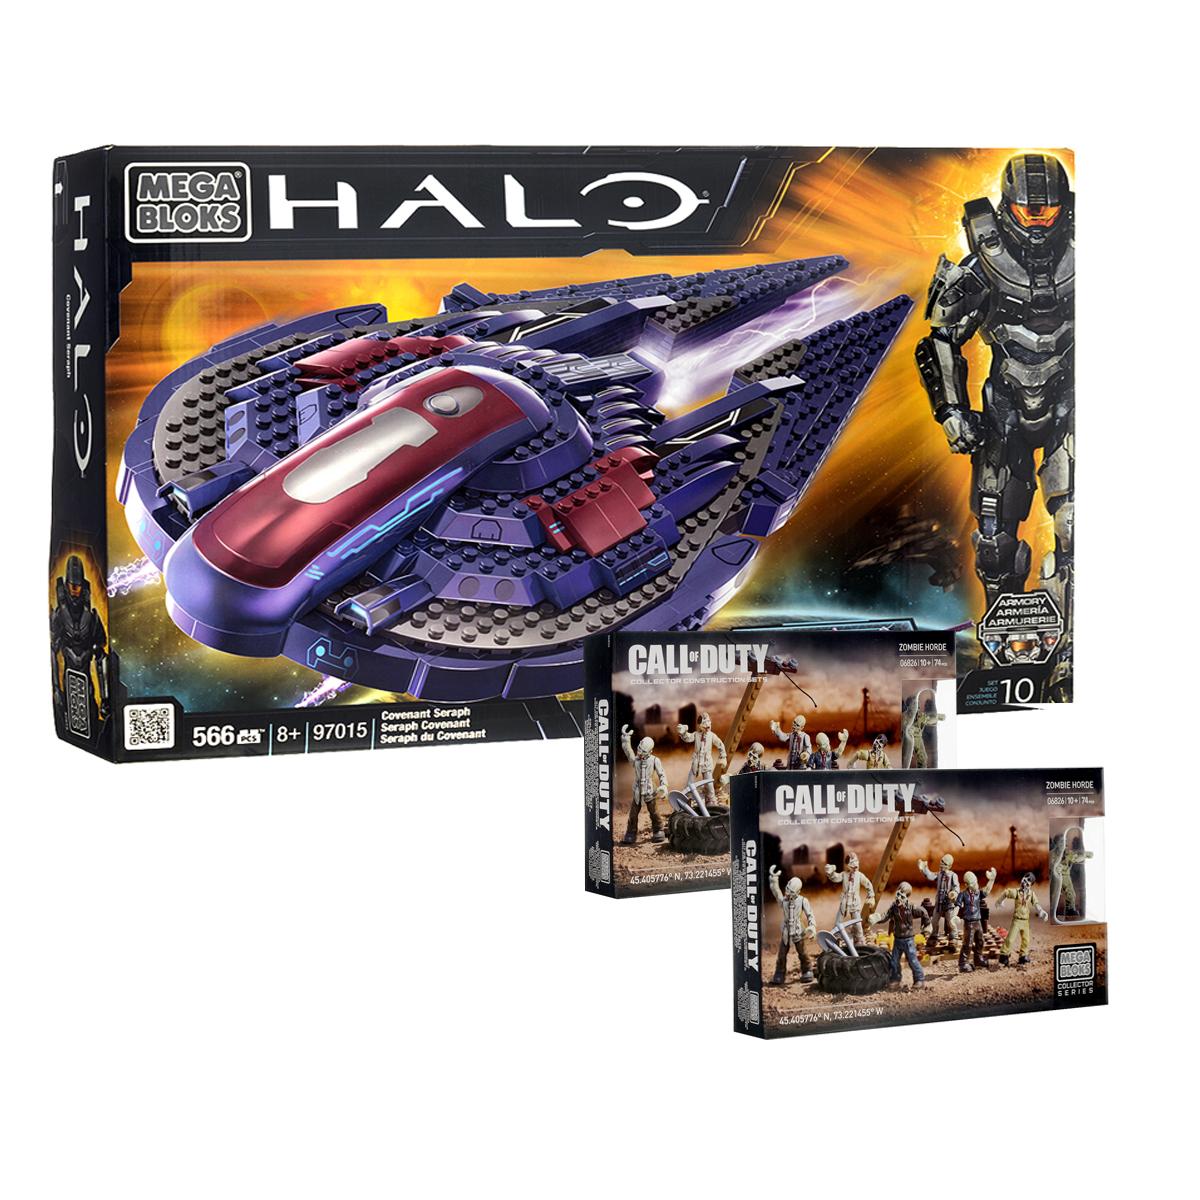 Mega Bloks Halo Конструктор Звездный истребитель + подарок набор Call of Duty пледы mona liza плед steve mona lisa classic viva